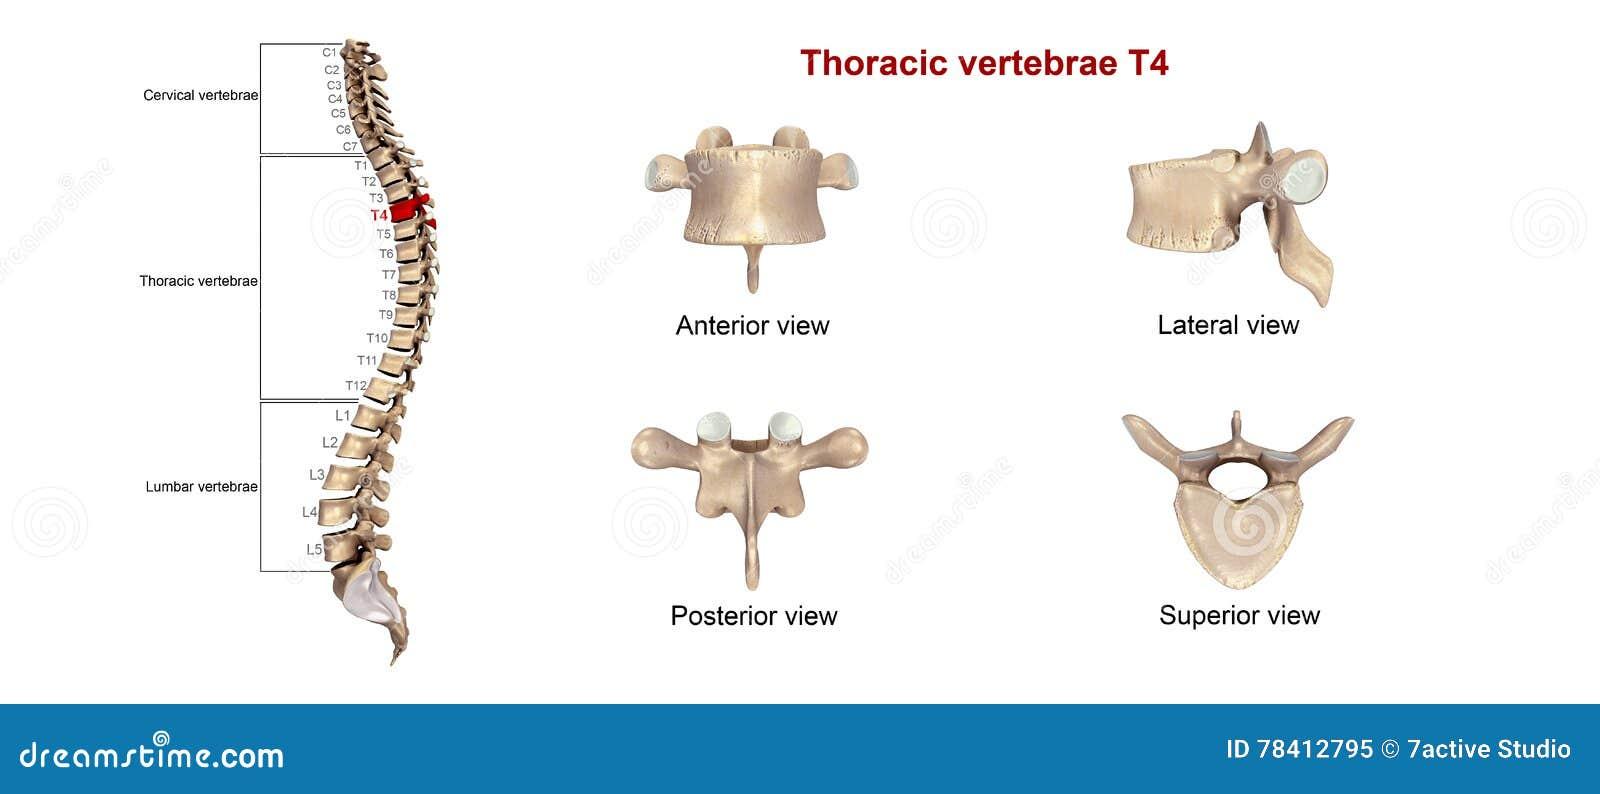 Perfecto Número De Vértebras Torácicas Colección - Imágenes de ...